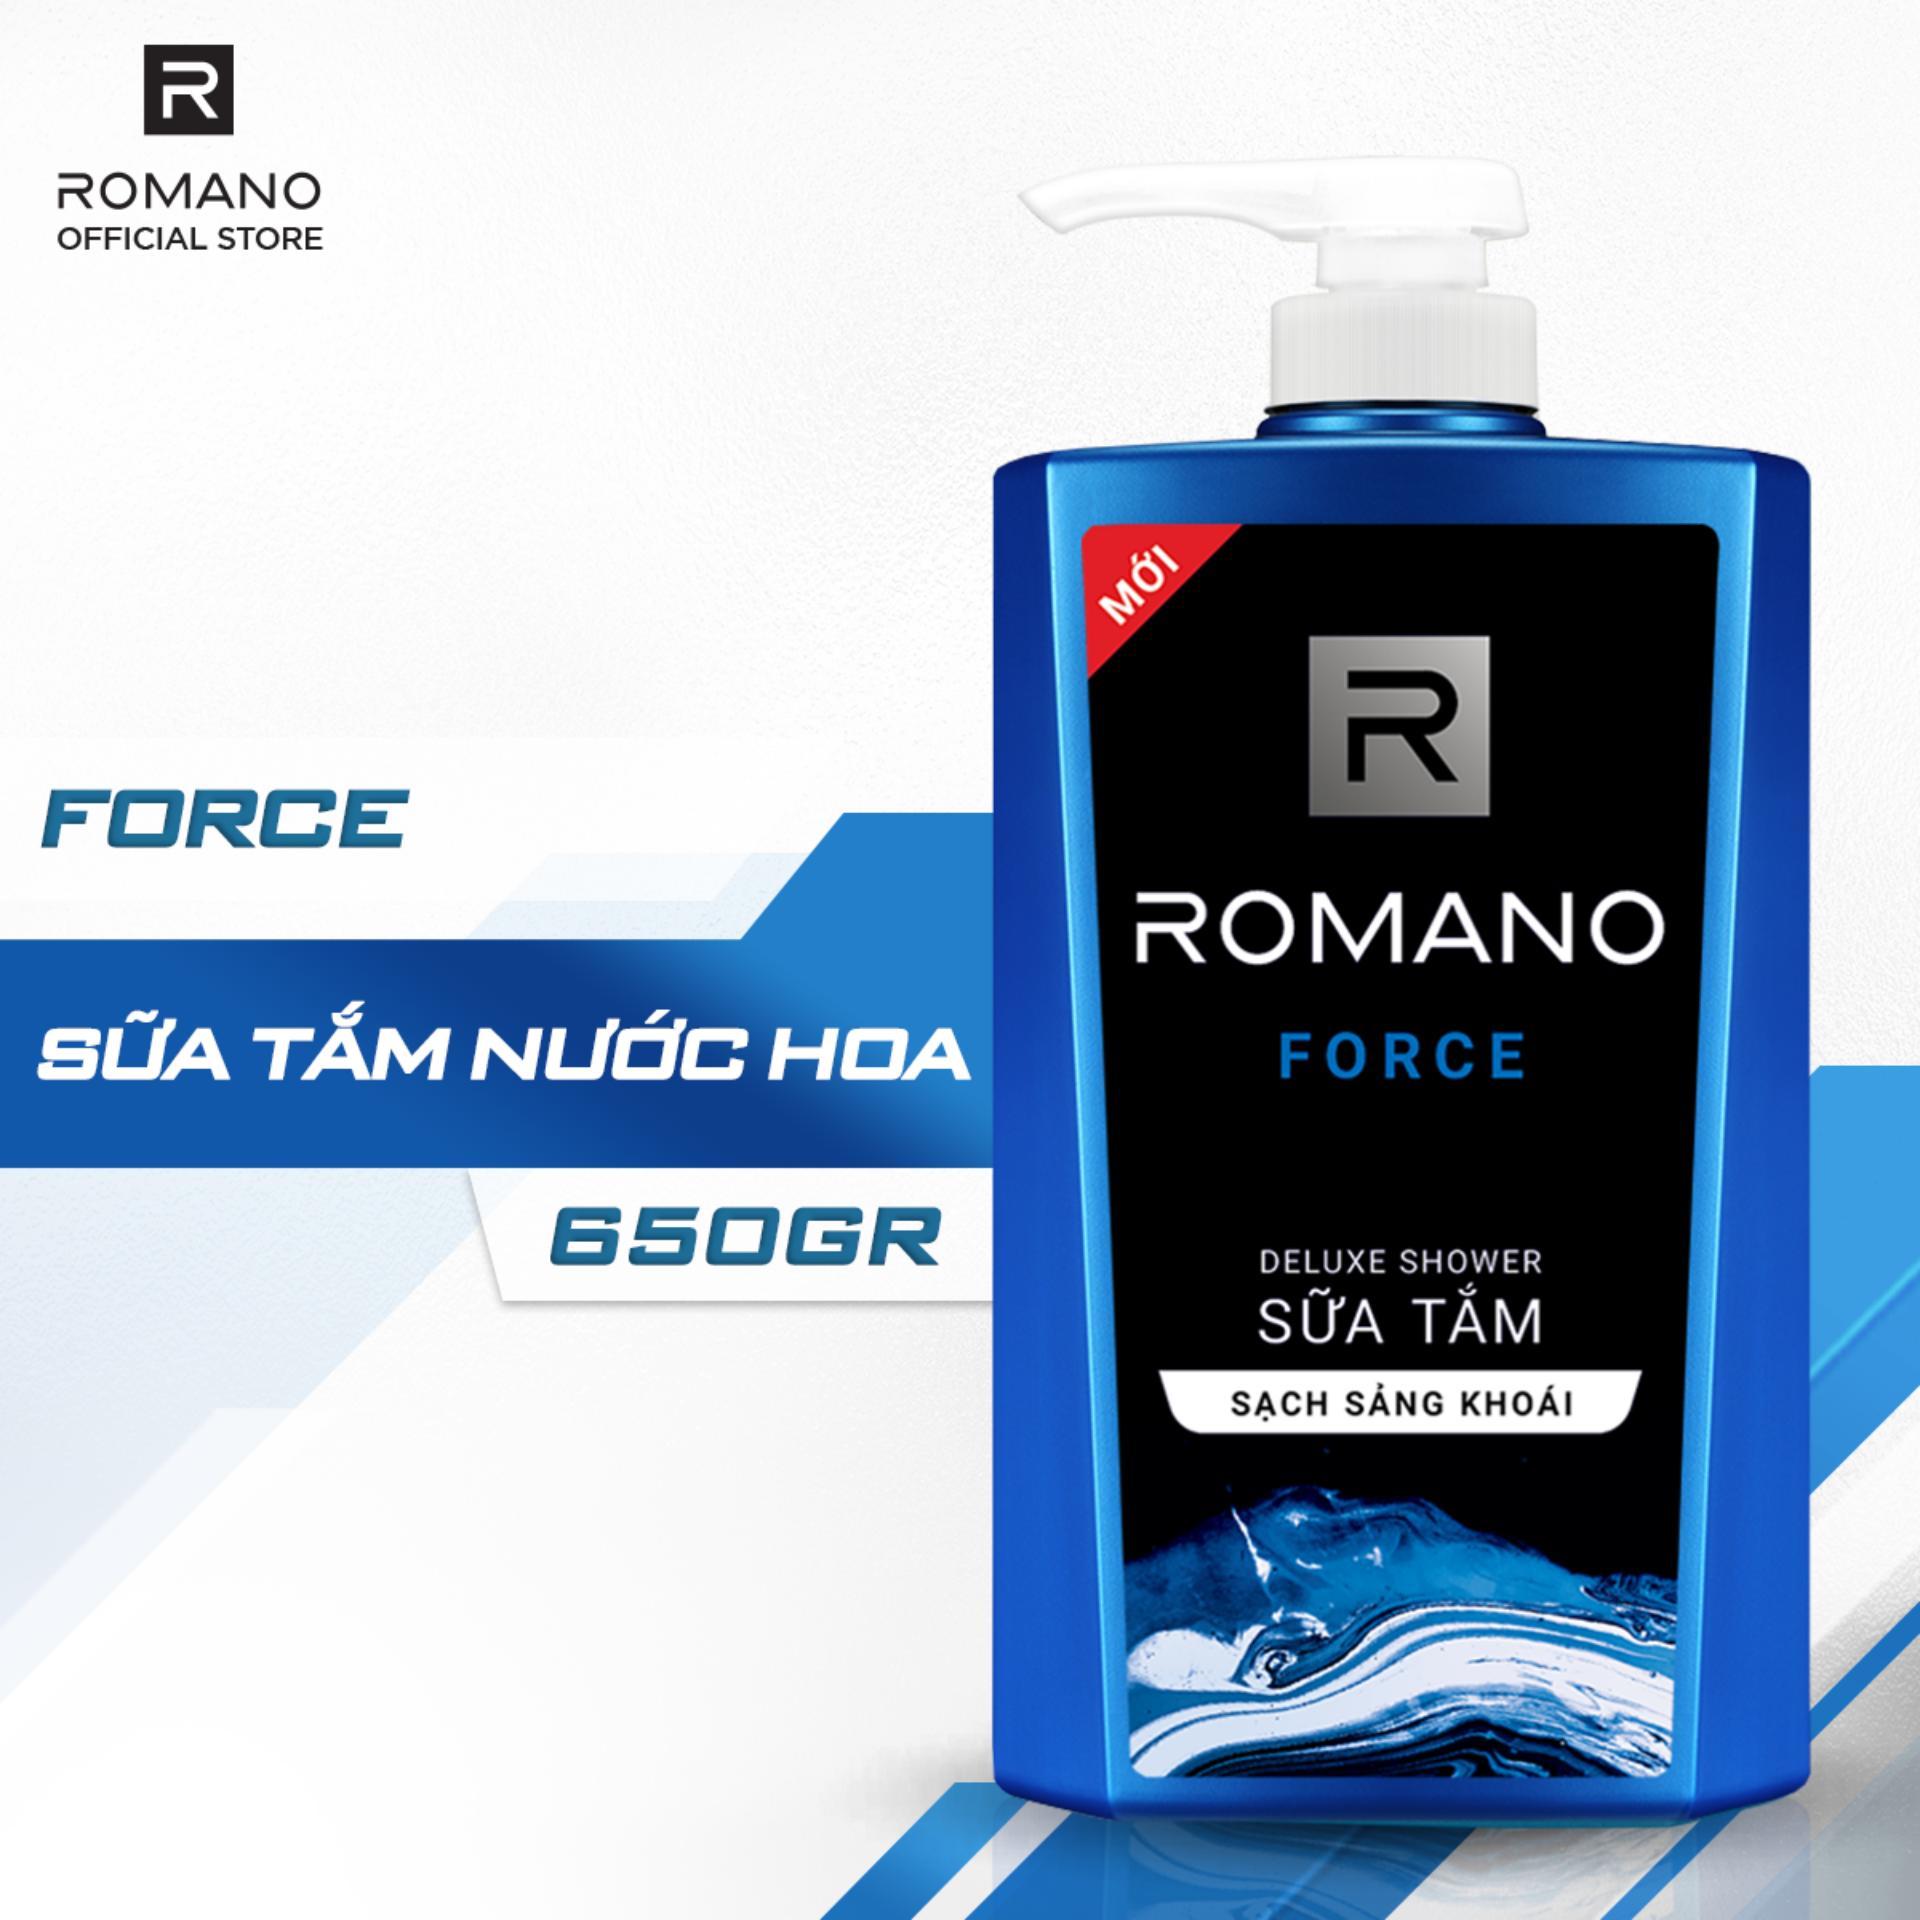 Chương Trình Ưu Đãi cho Sữa Tắm Romano Force Mạnh Mẽ Tự Tin Sảng Khoái 650g